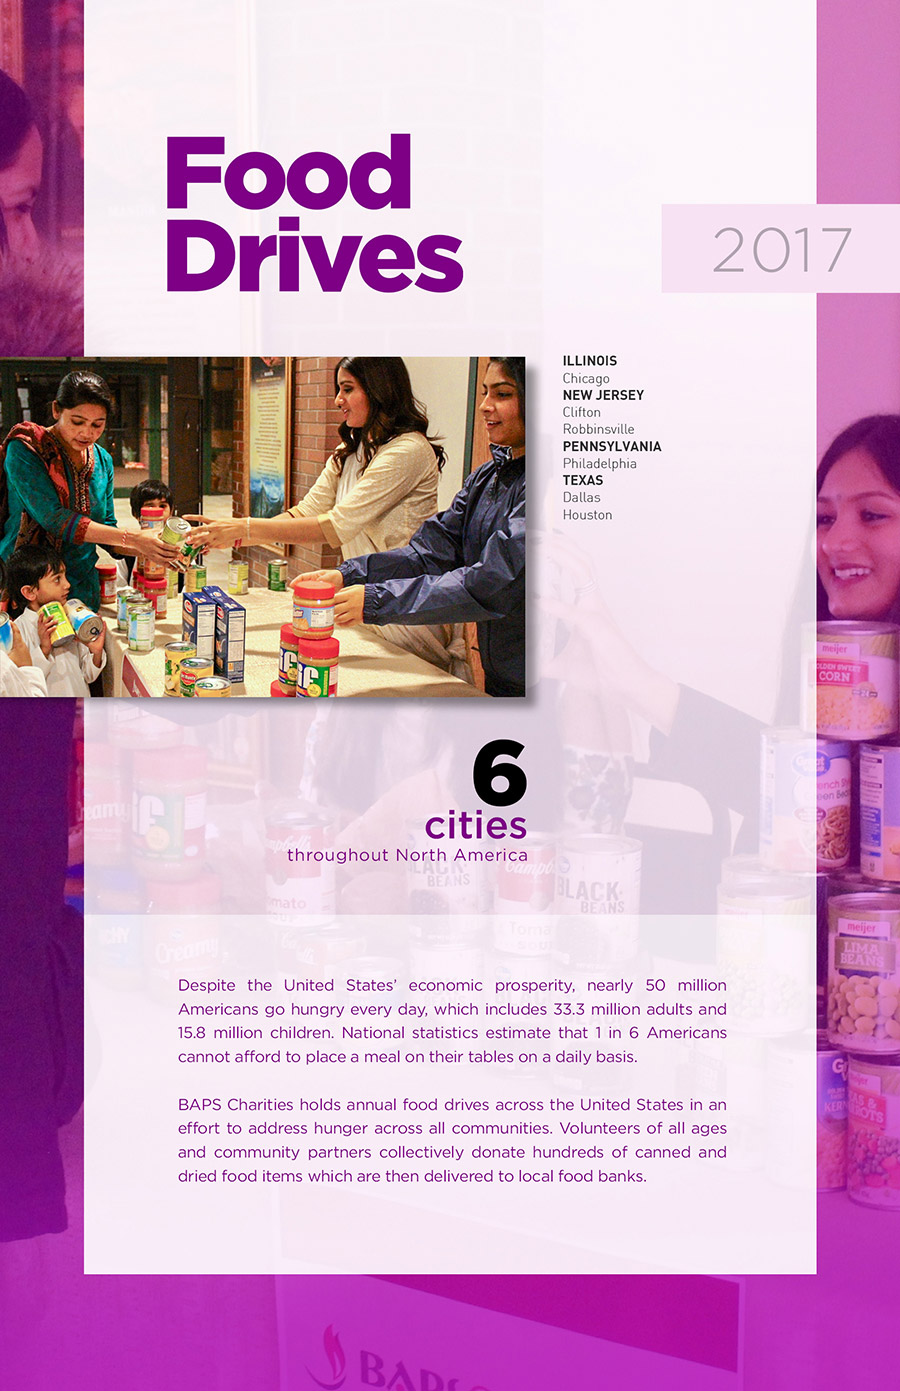 Food Drives - BAPSCharities - North American Activities Annual Report 2017